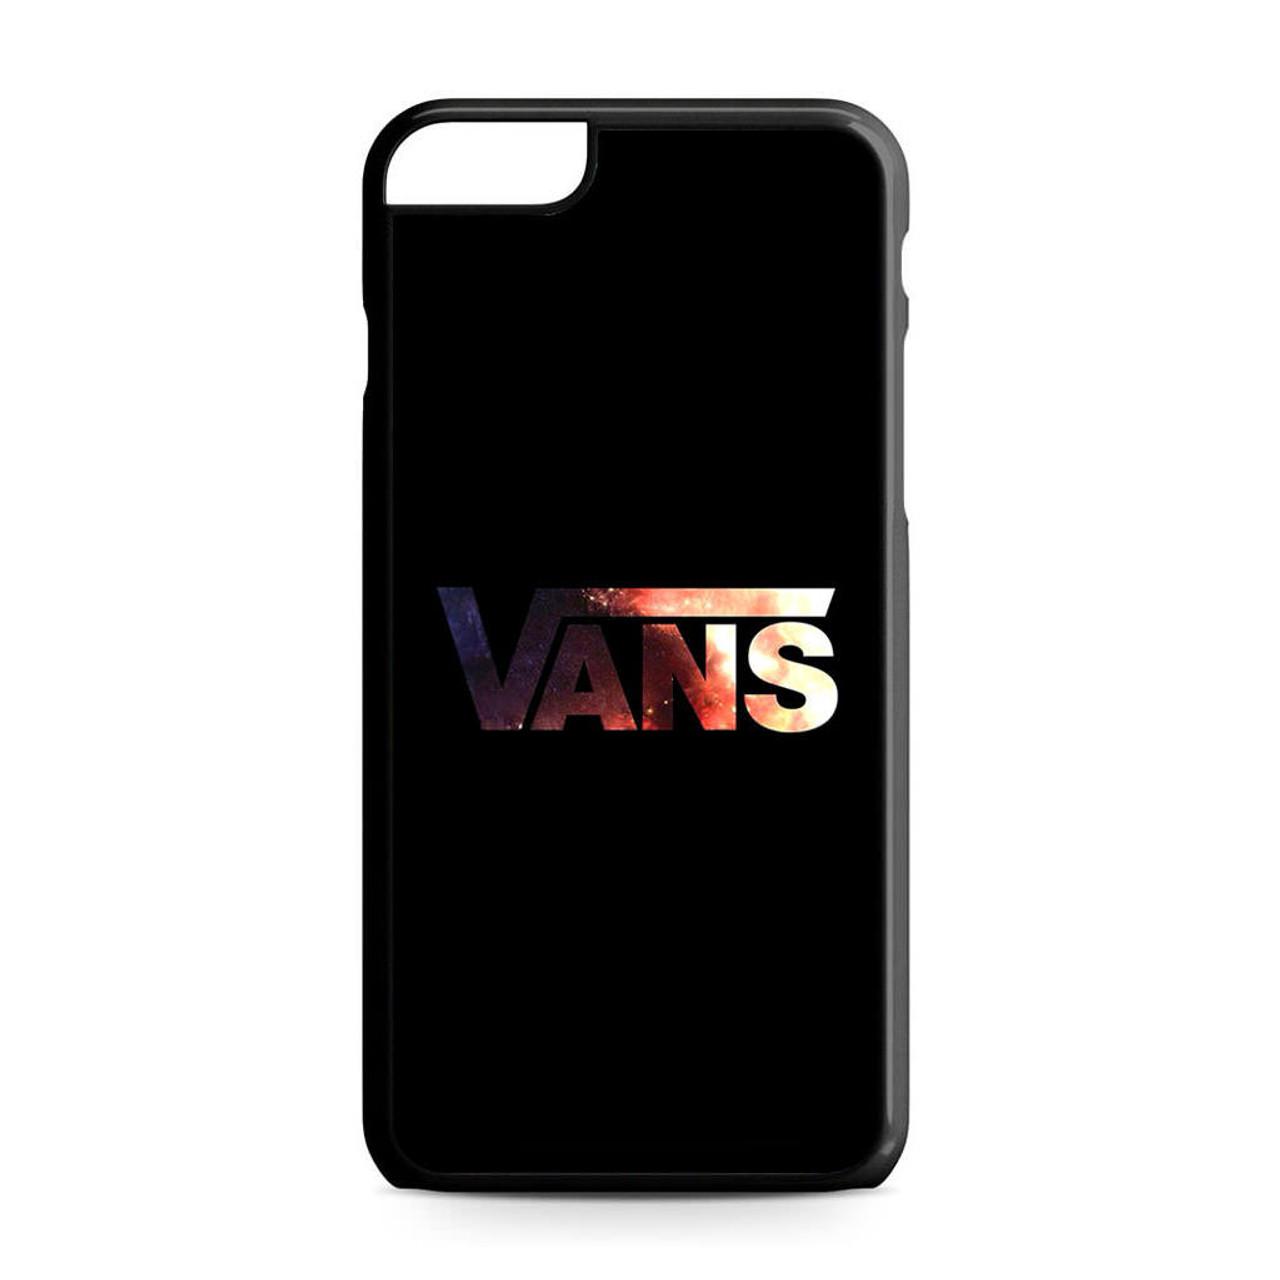 huge discount b75a8 e0f84 Vans iPhone 6 Plus/6S Plus Case